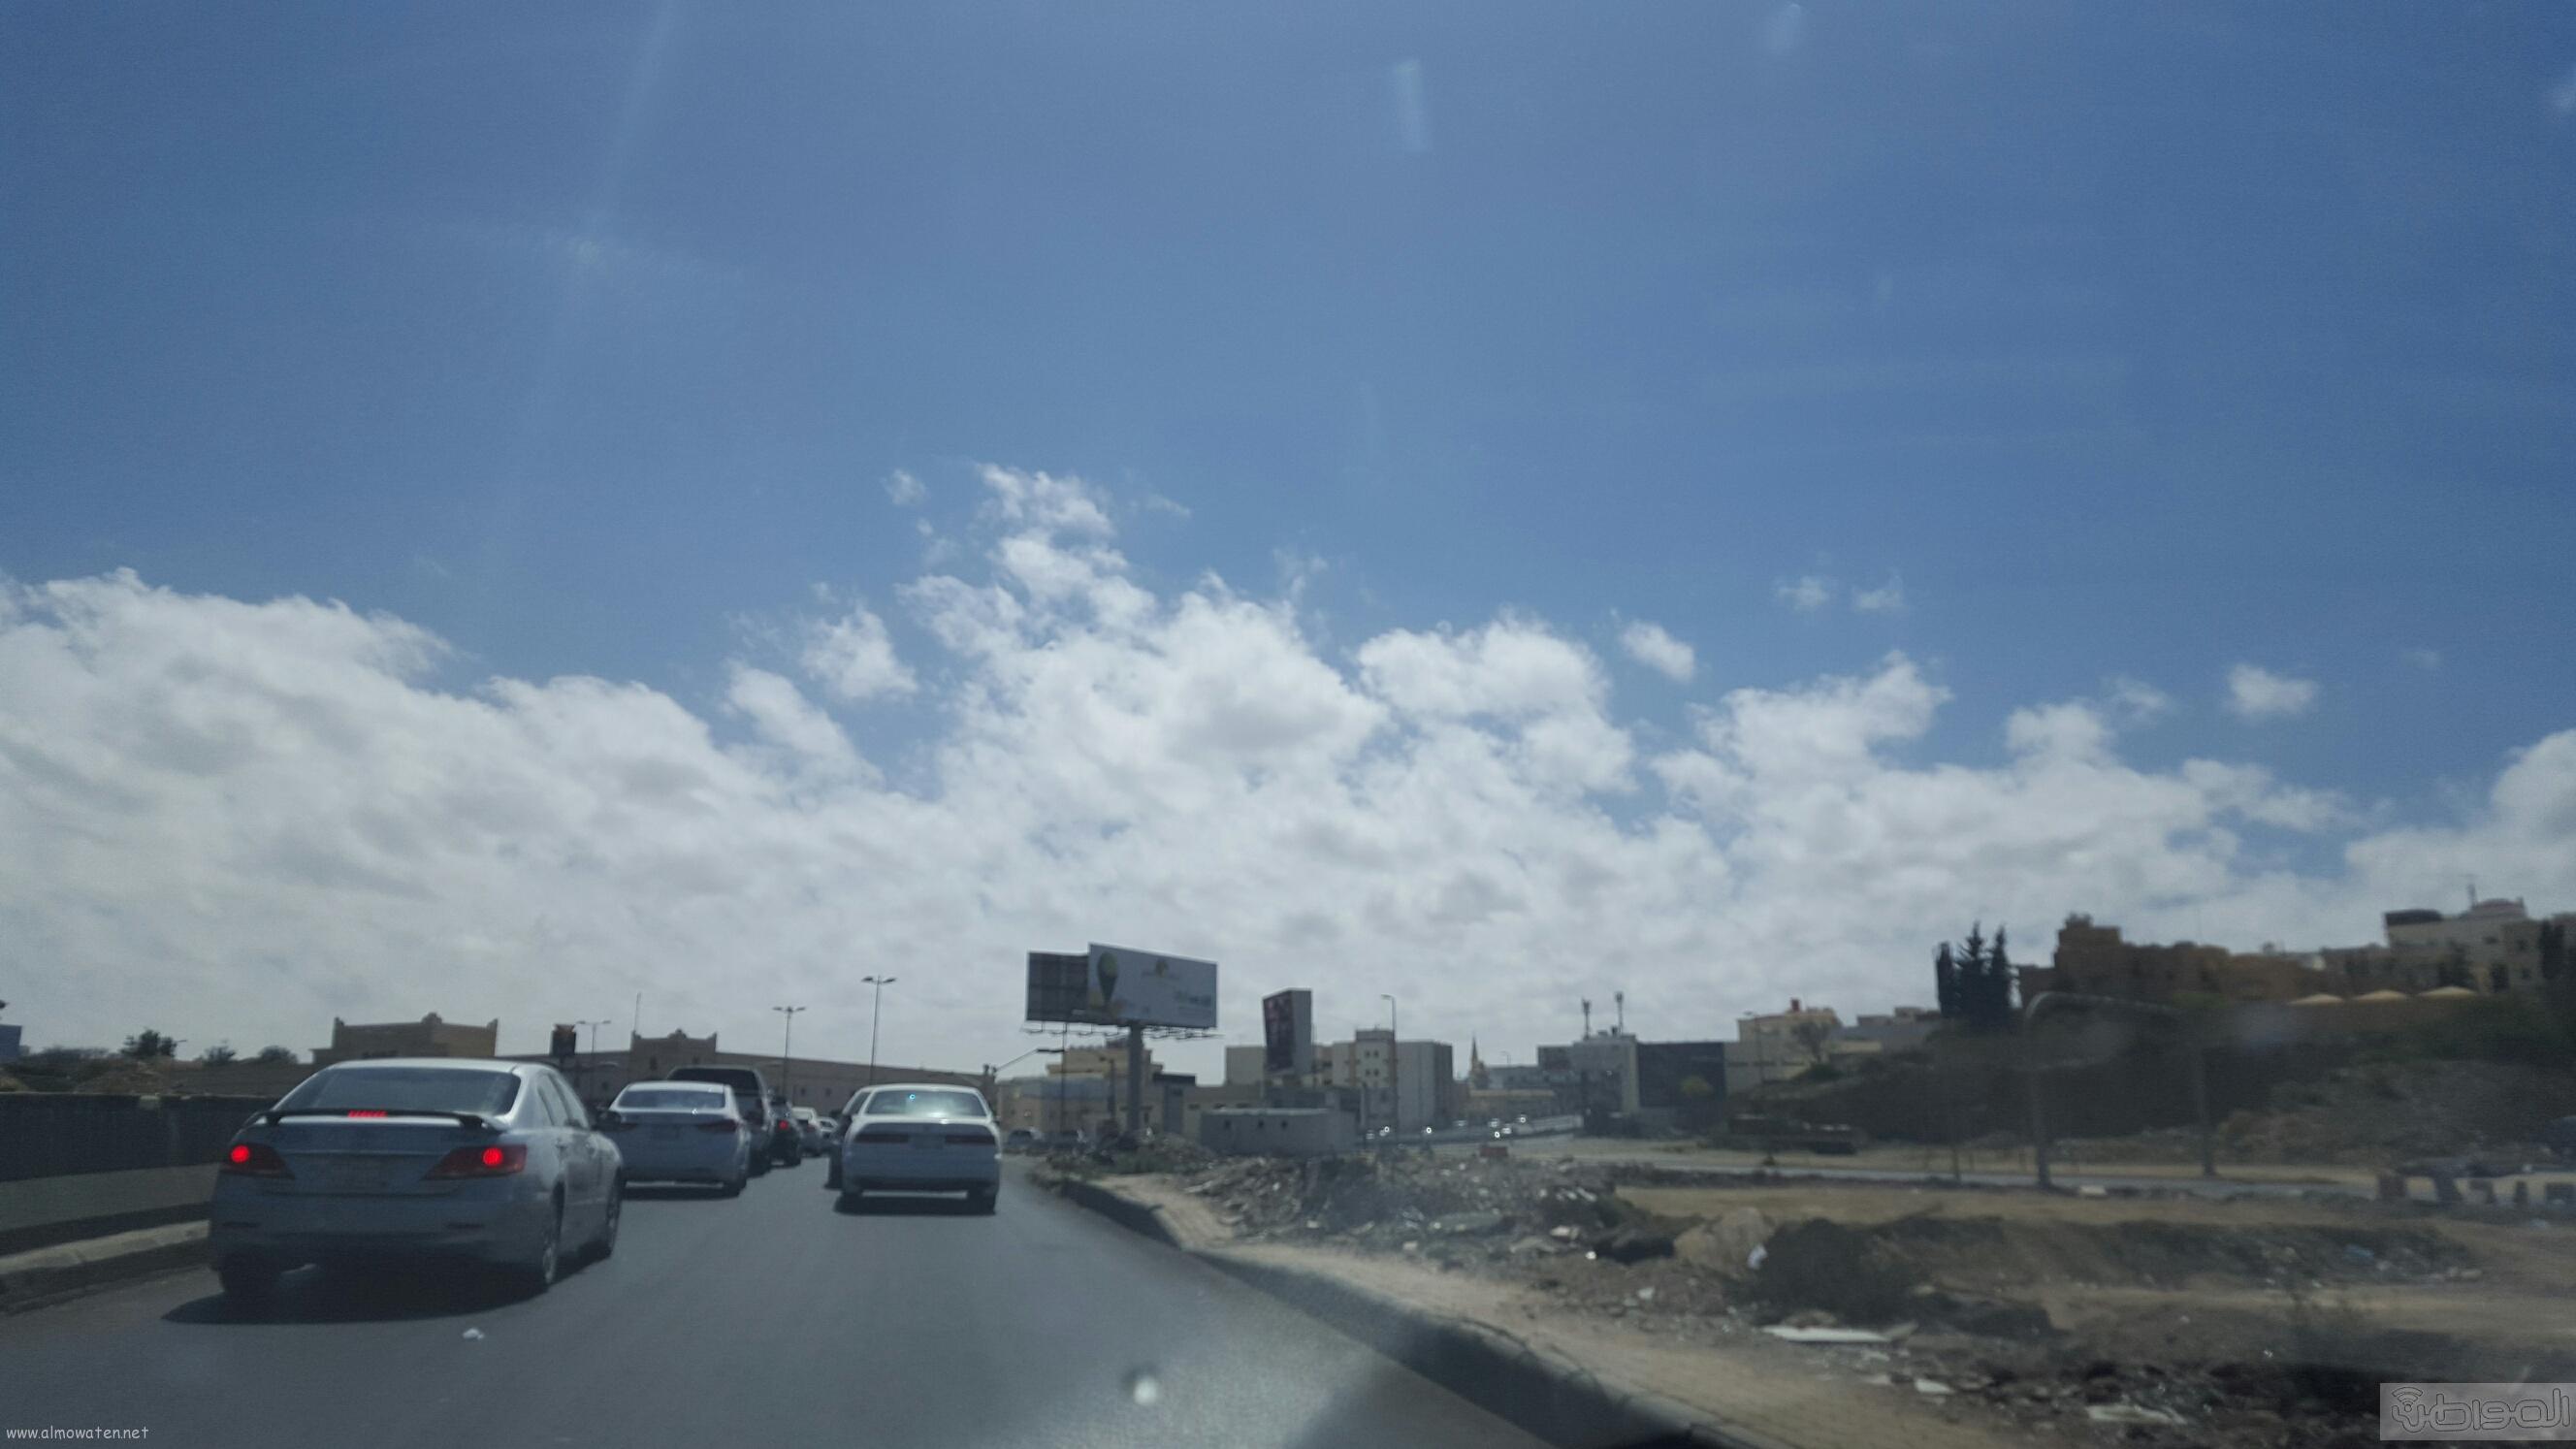 خطر امتداد طريق الملك عبدالعزيز الحزام الدائري بمدينة ابها (4)